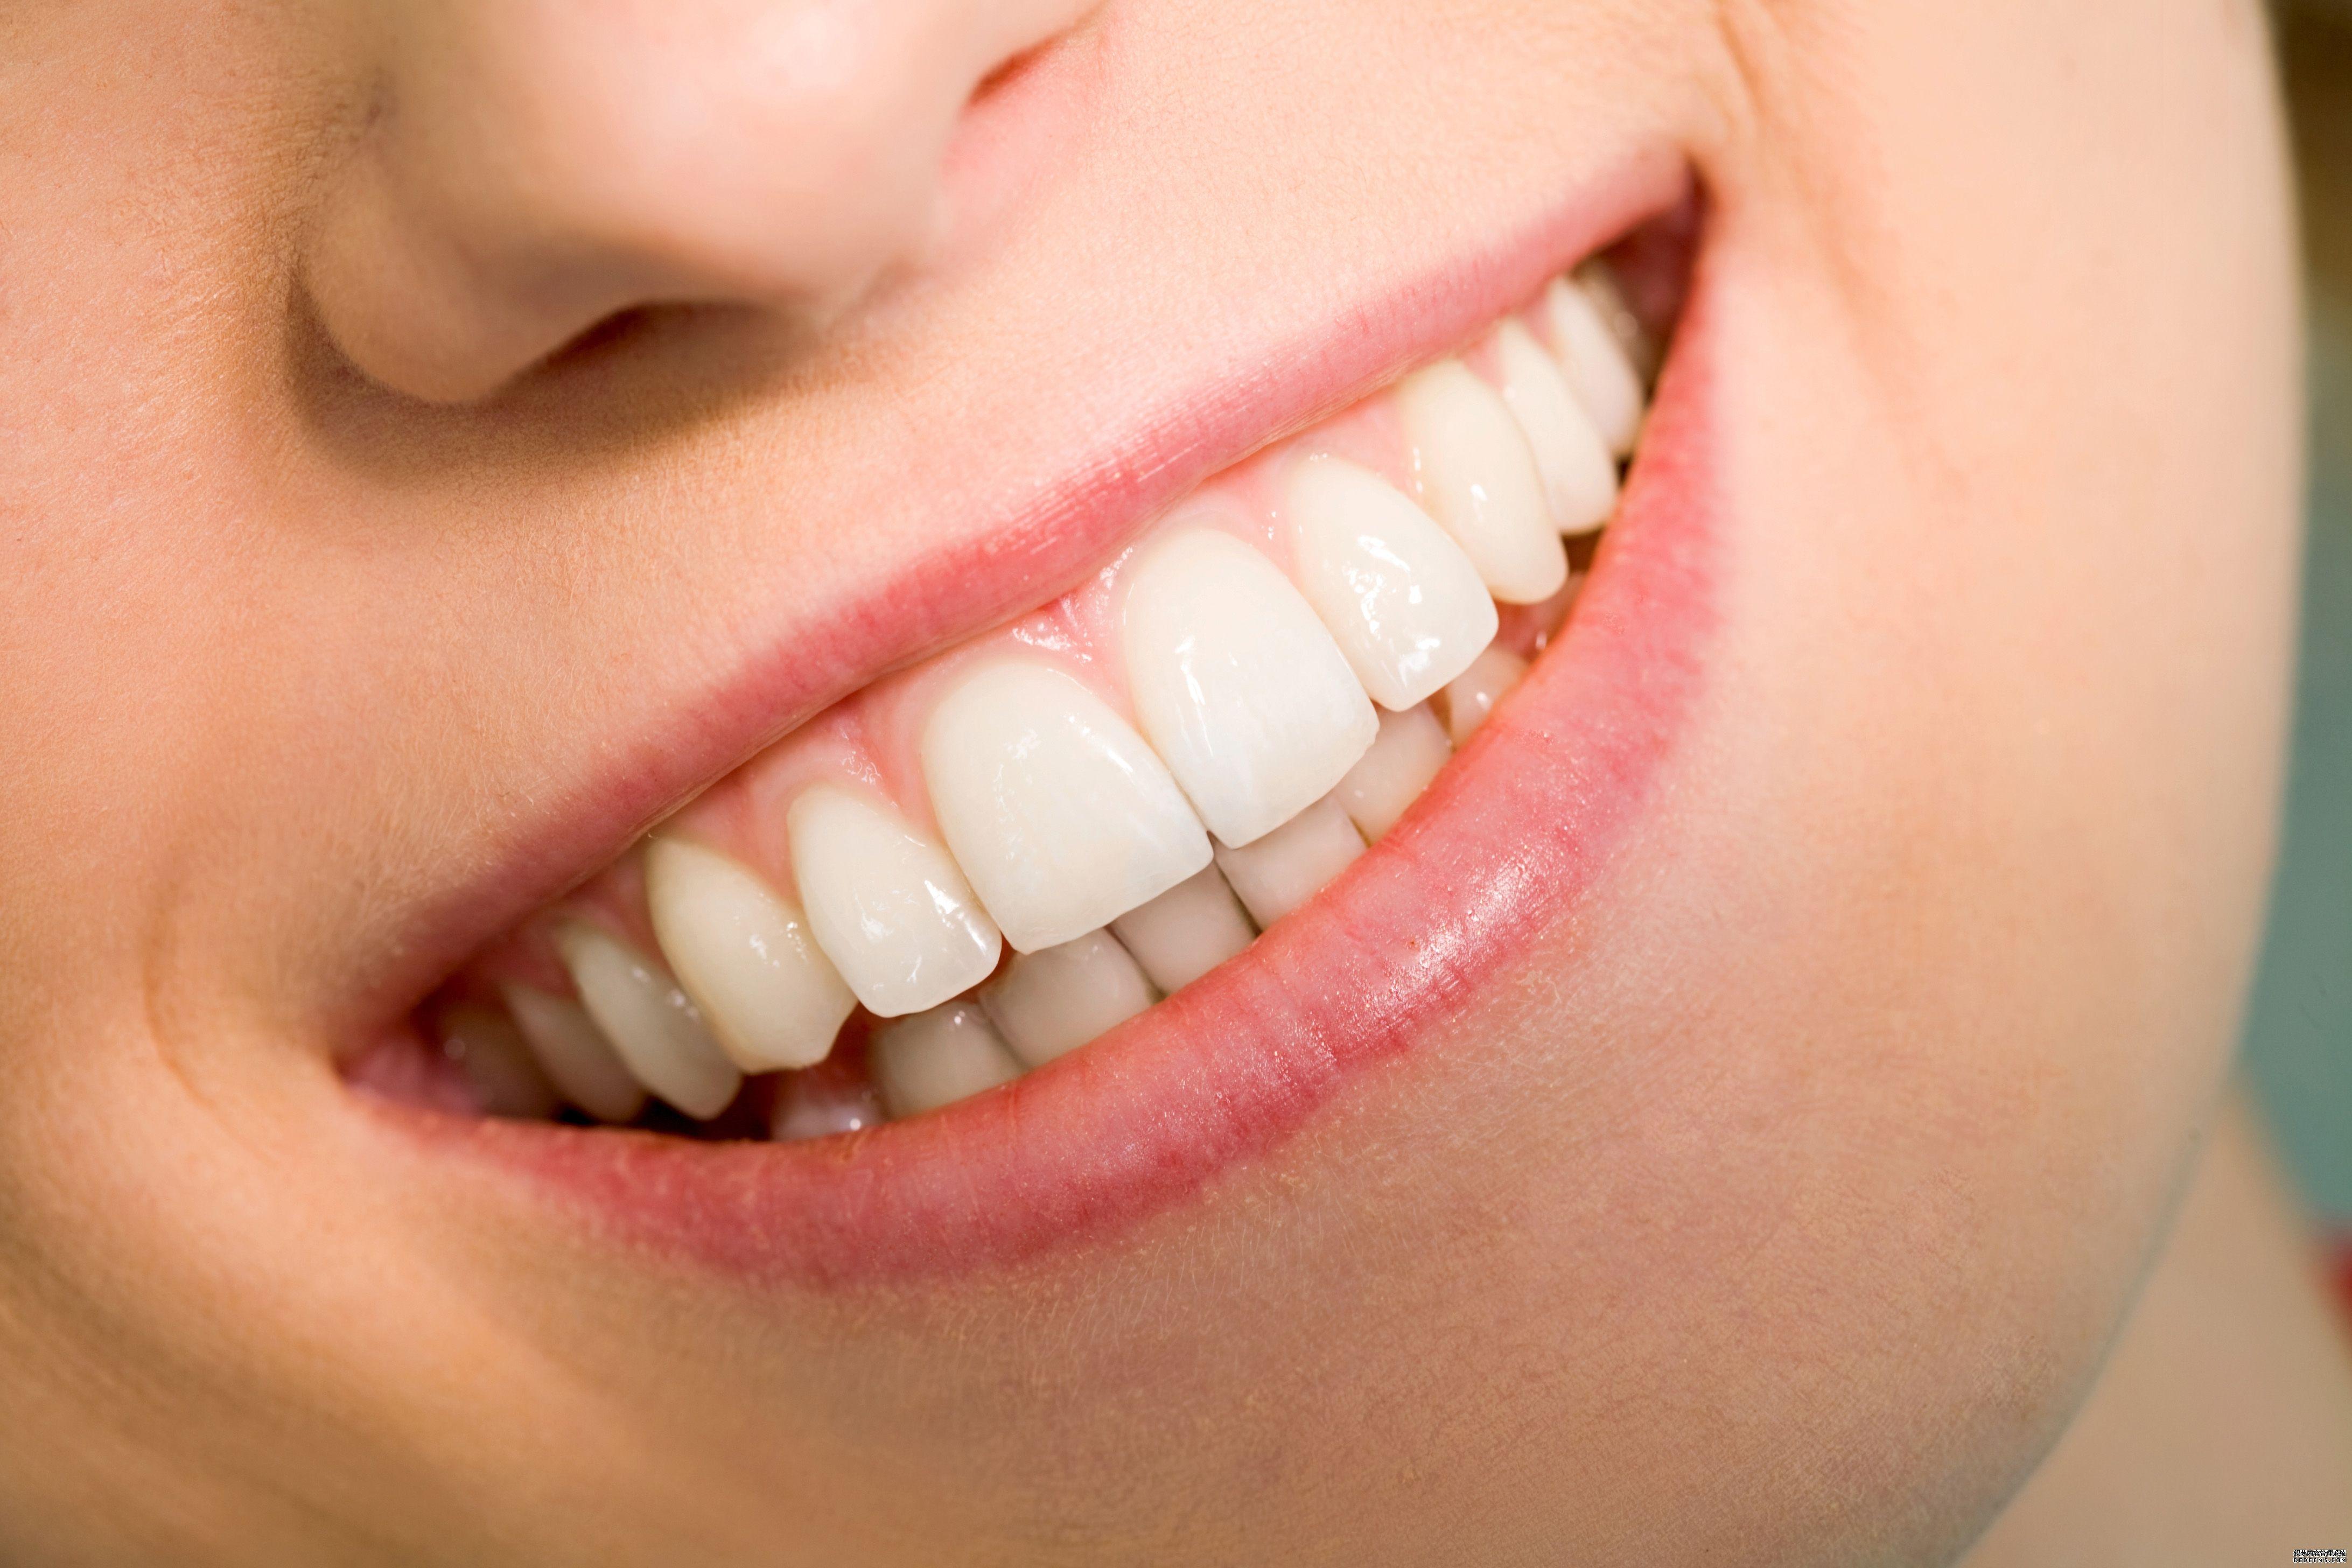 成年人牙齿稀疏能矫正吗